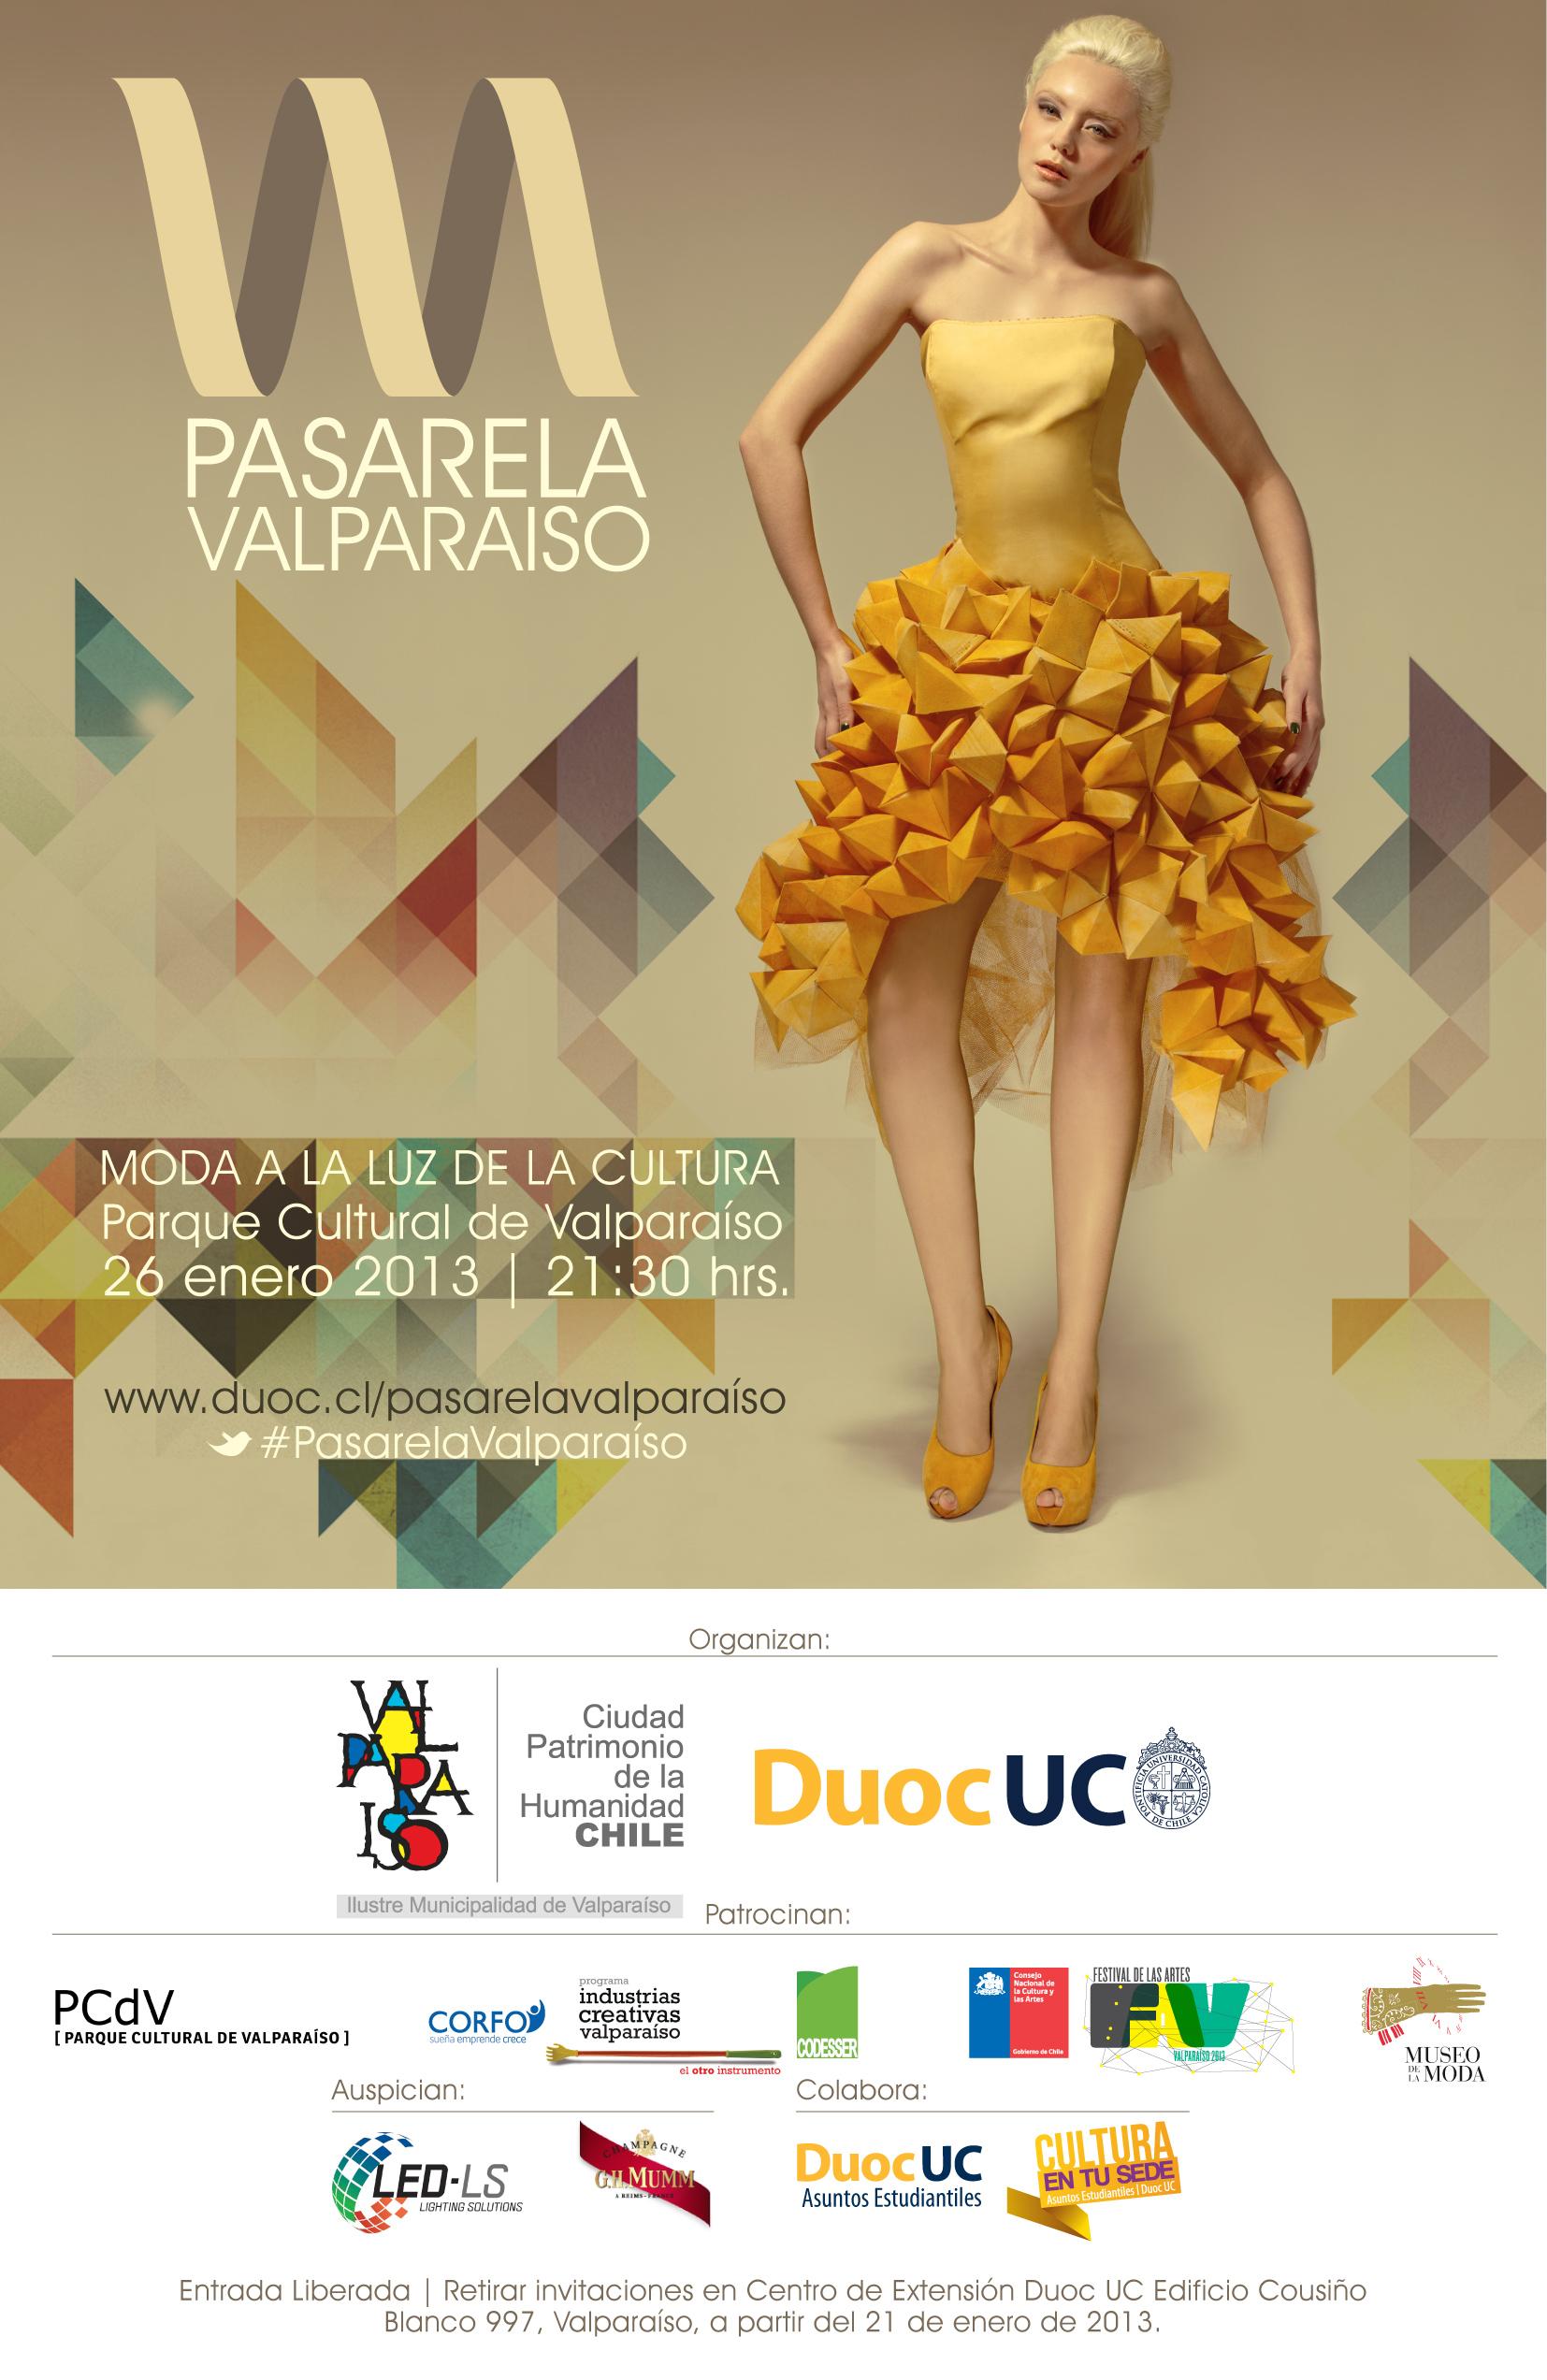 """Pasarela Valparaíso: """"moda a la luz de la cultura"""""""